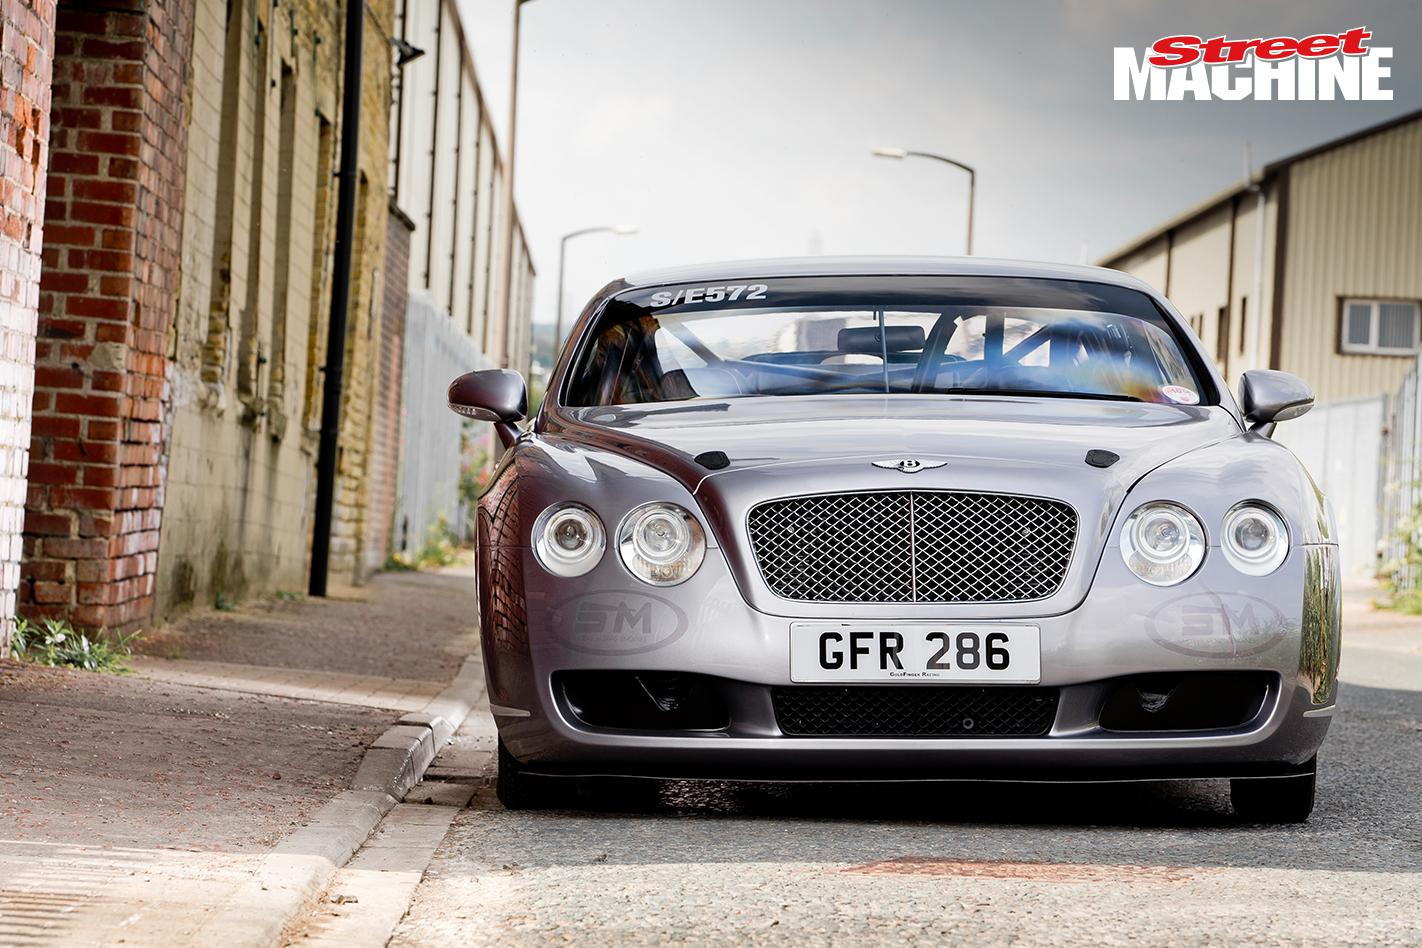 Bentley GT Drag Race Car 9 Nw